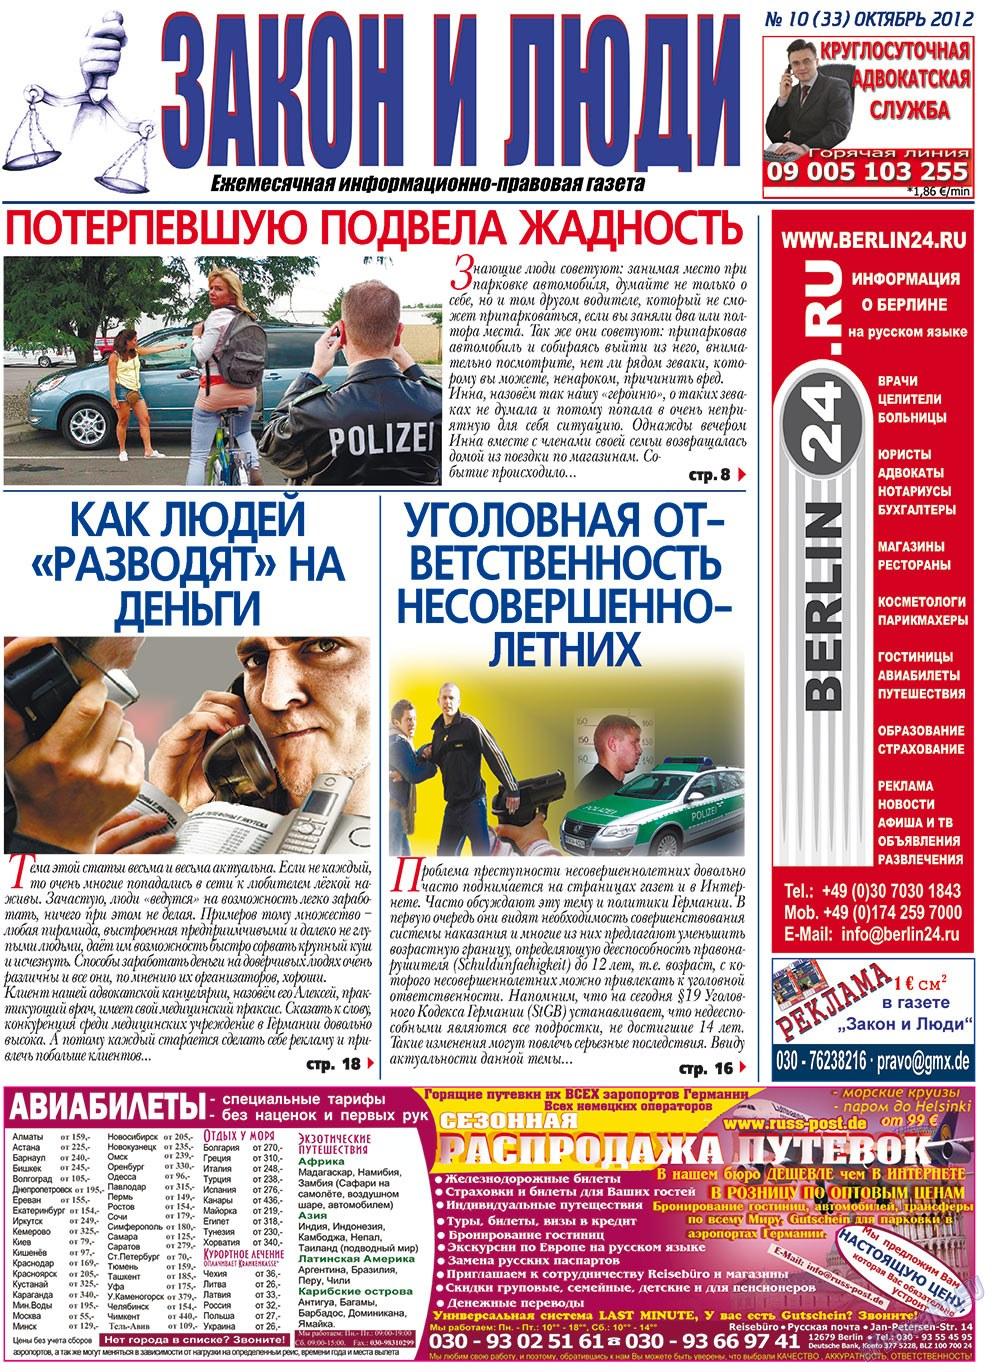 Закон и люди (газета). 2012 год, номер 10, стр. 1